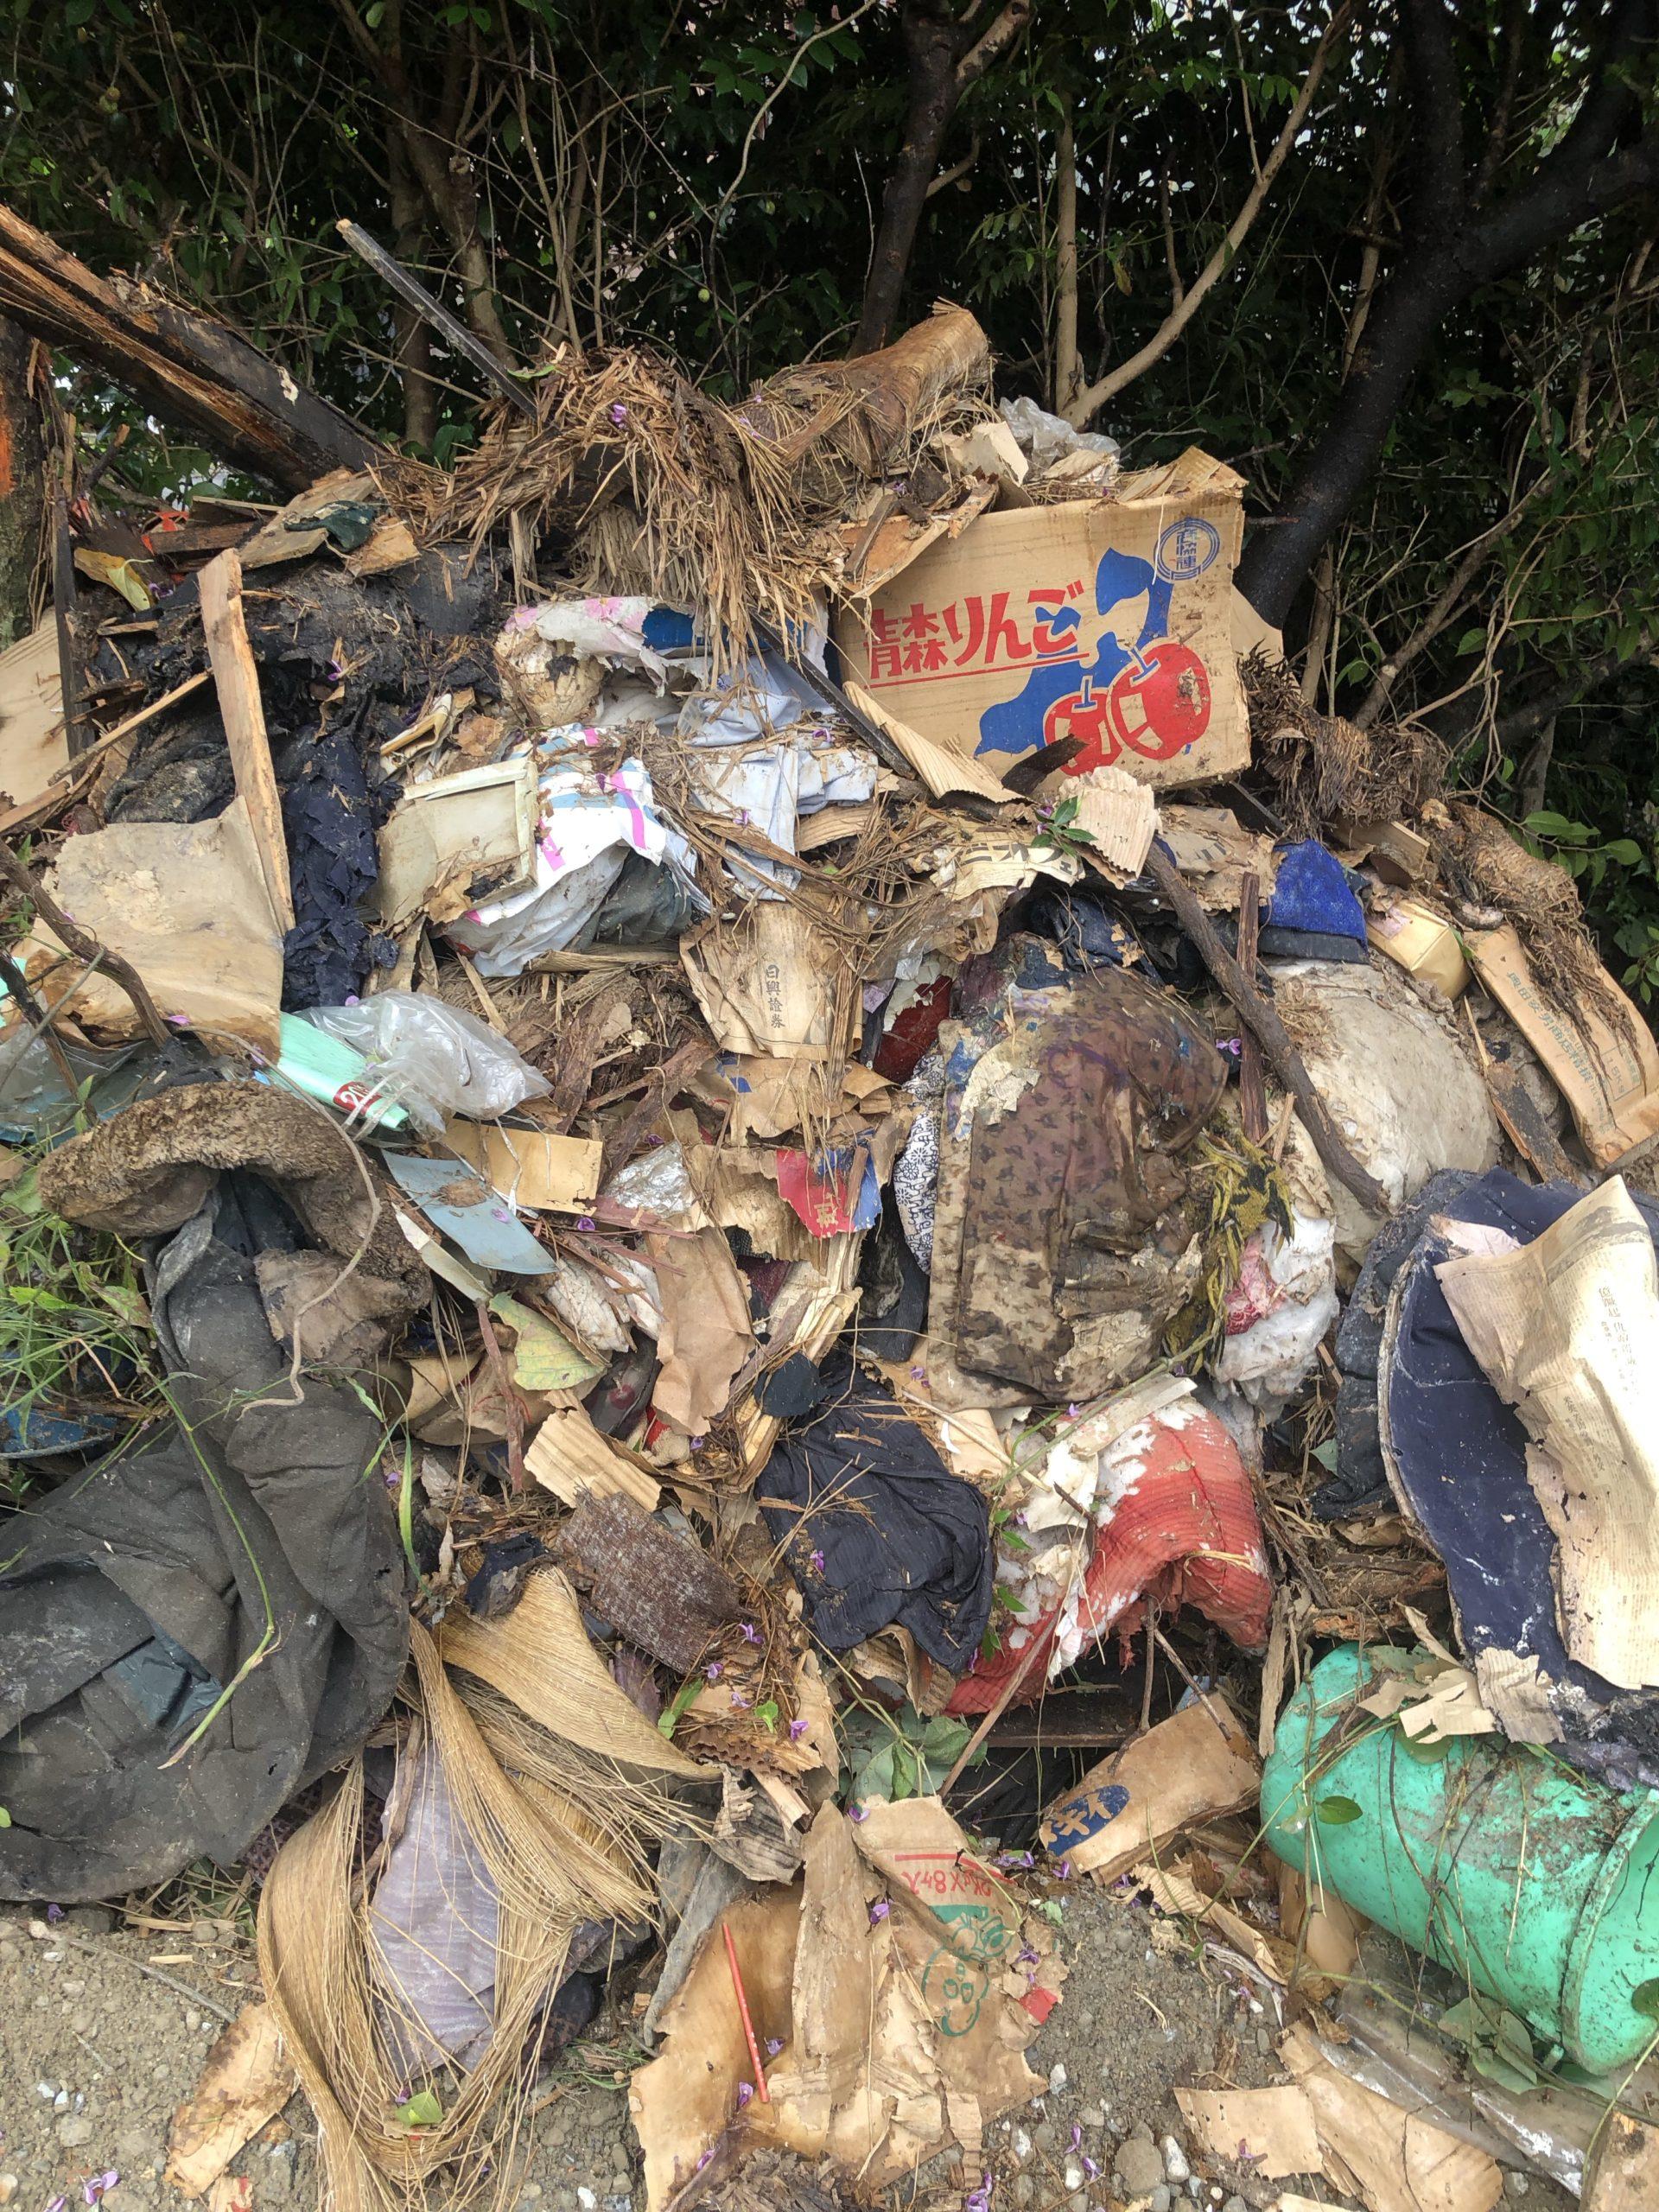 三重県津市で不用品回収や処分のご相談。遺品整理や生前整理、家屋解体工事の見積もり業者なら株式会社kousui